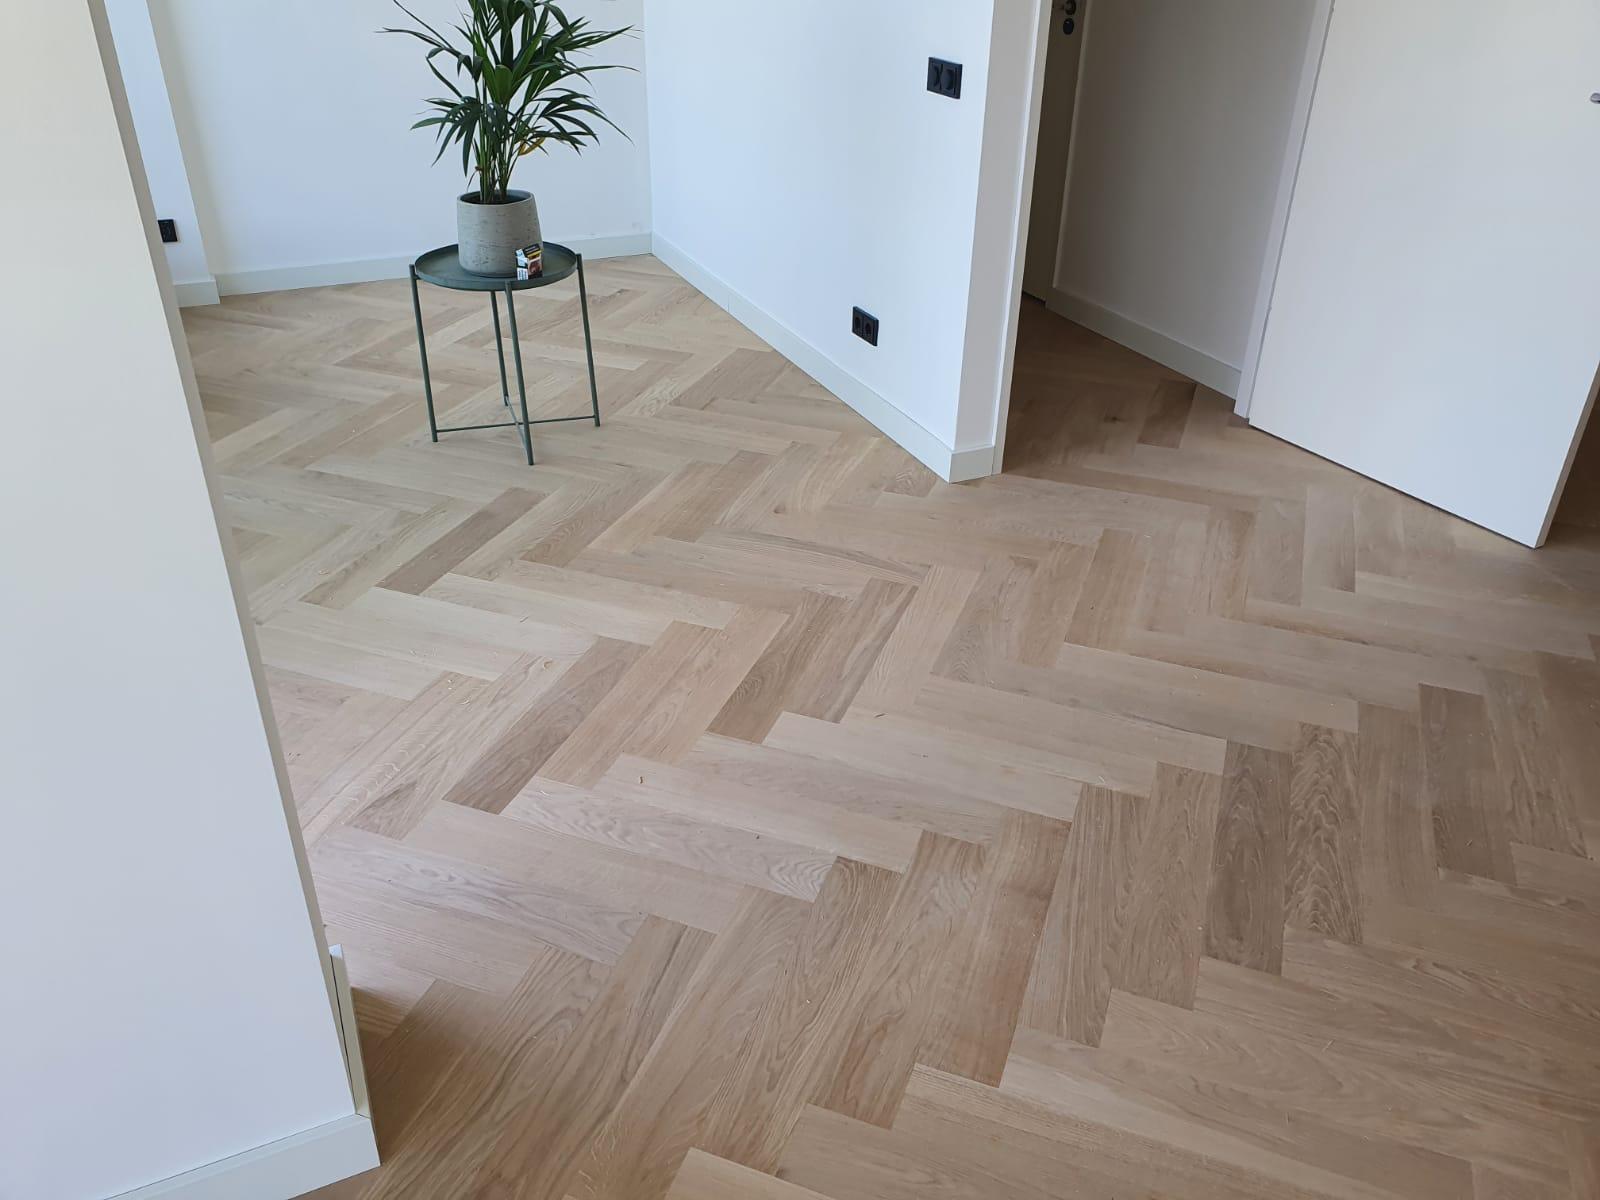 visgraat vloer houten vloer